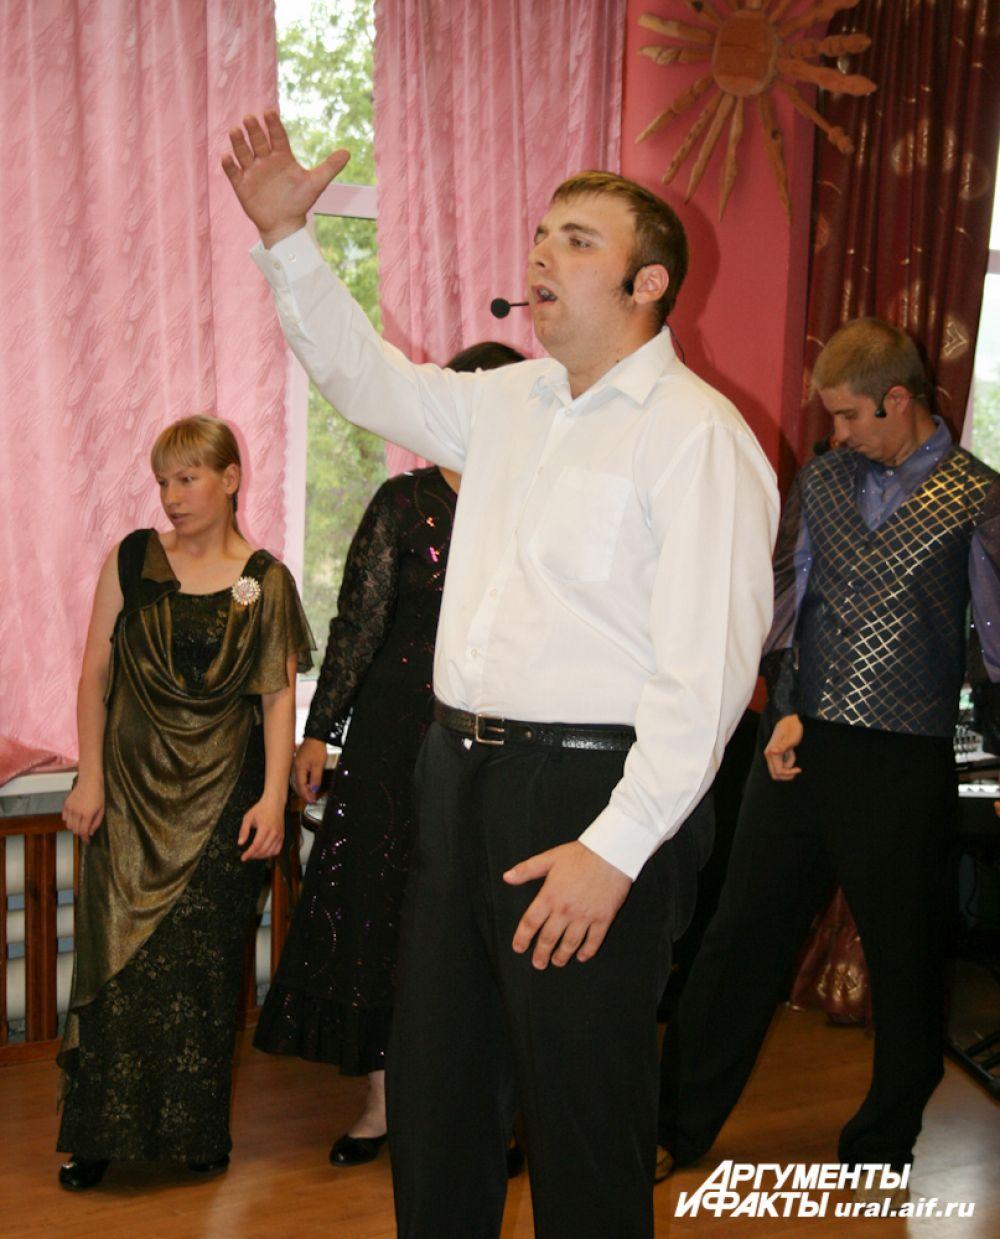 Театр людей с ограниченными возможностями здоровья «Искреннее чувство» показал гостям сцену из спектакля «Орфей и Эвридика».